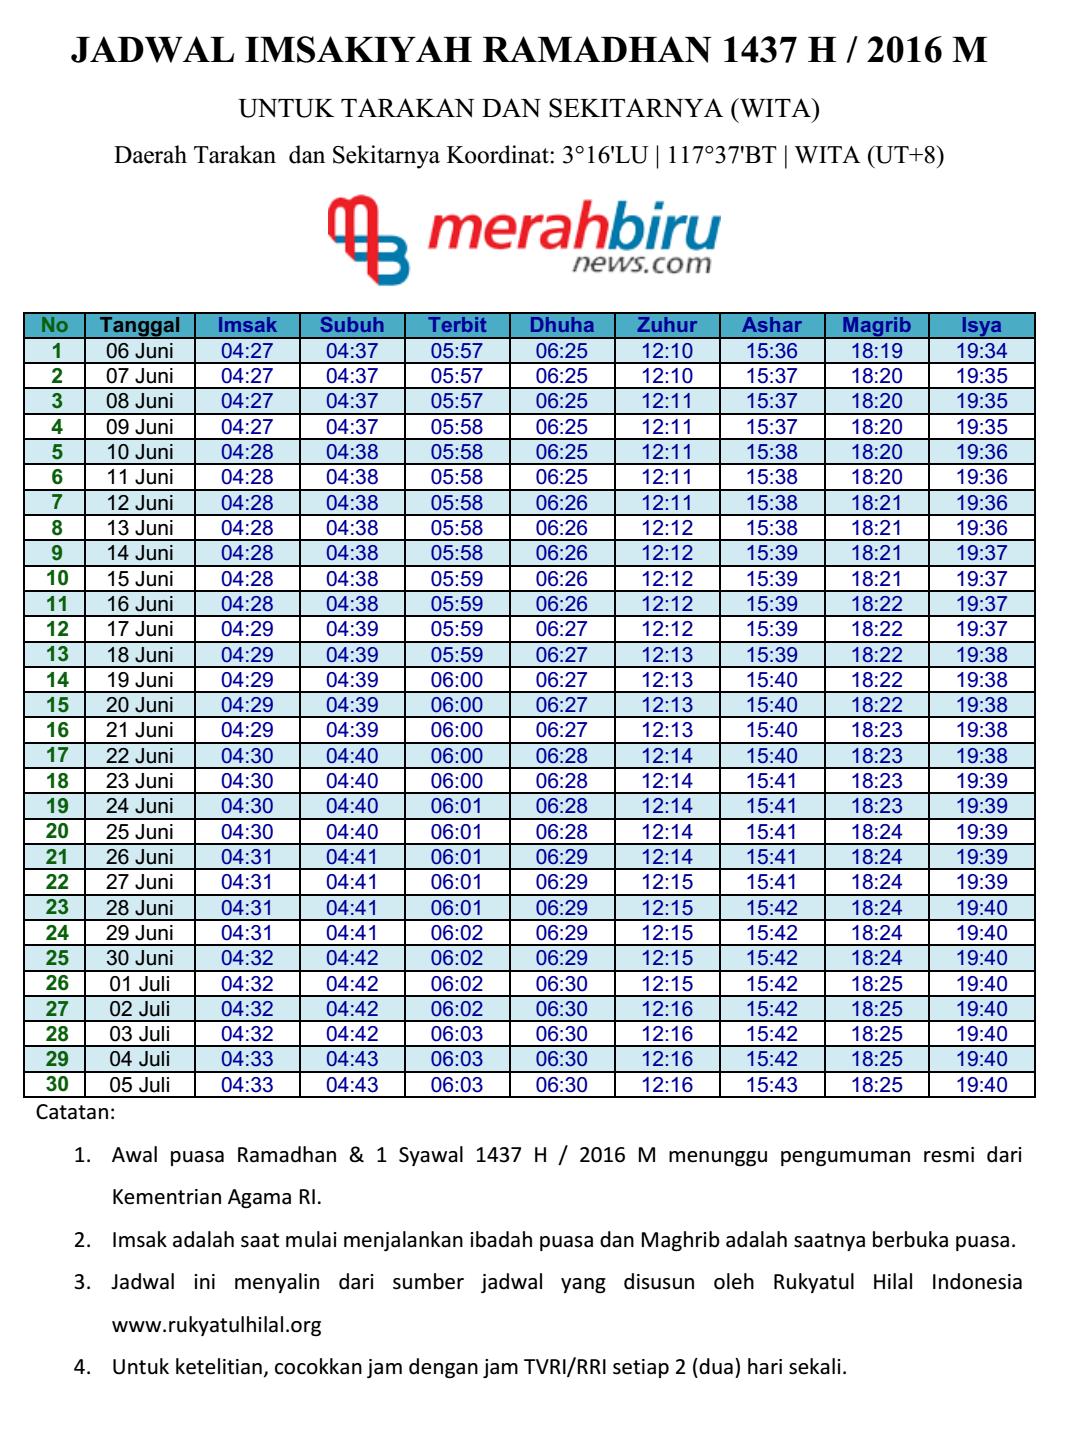 Jadwal Puasa Ramadhan 1437 H 2016 Kota Tarakan